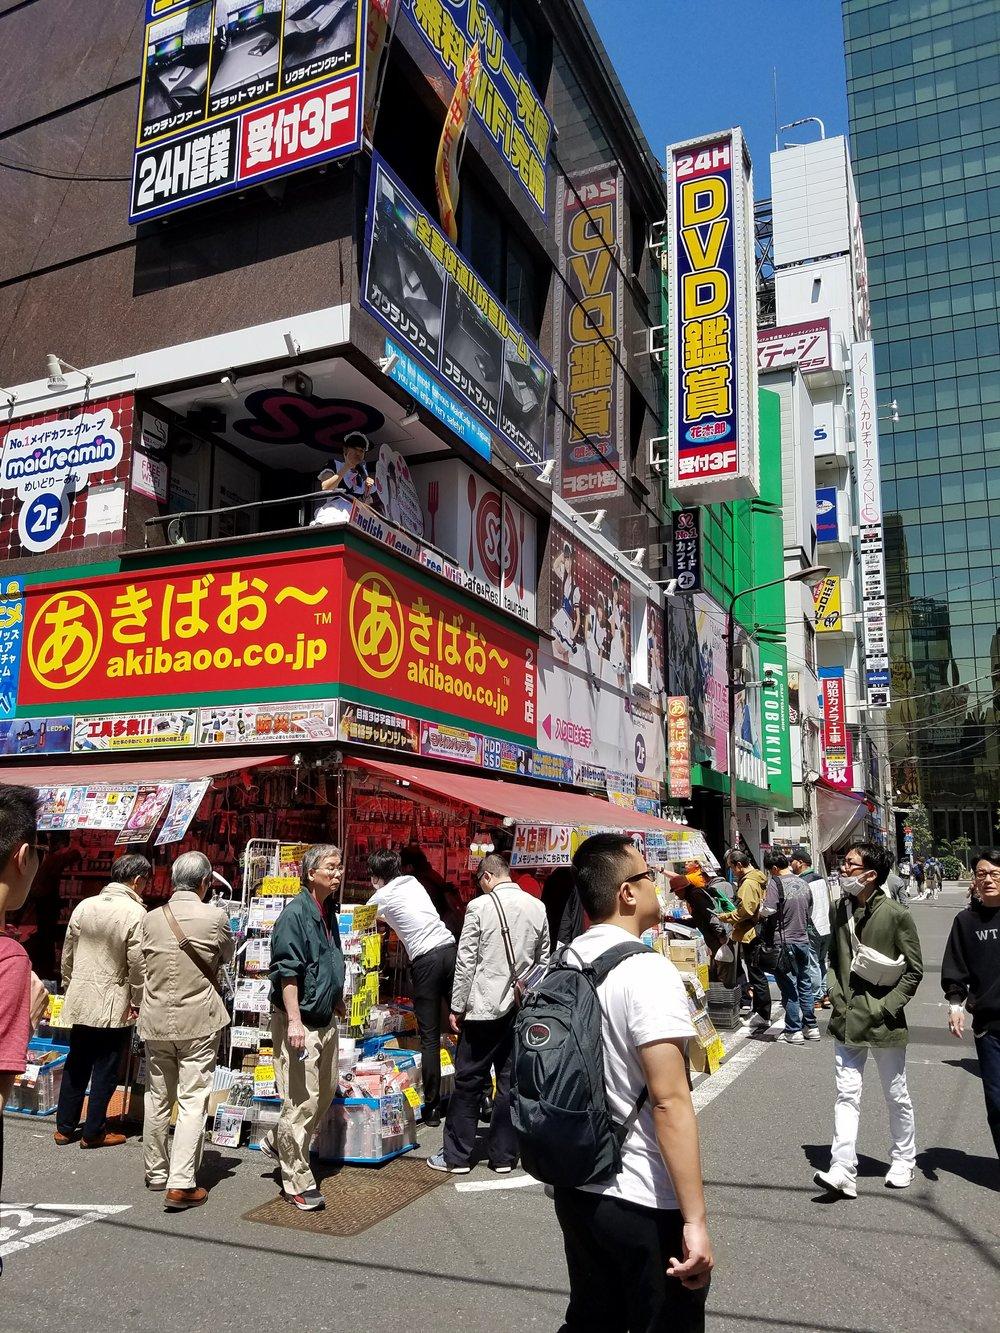 AkihabaraMaid.jpg